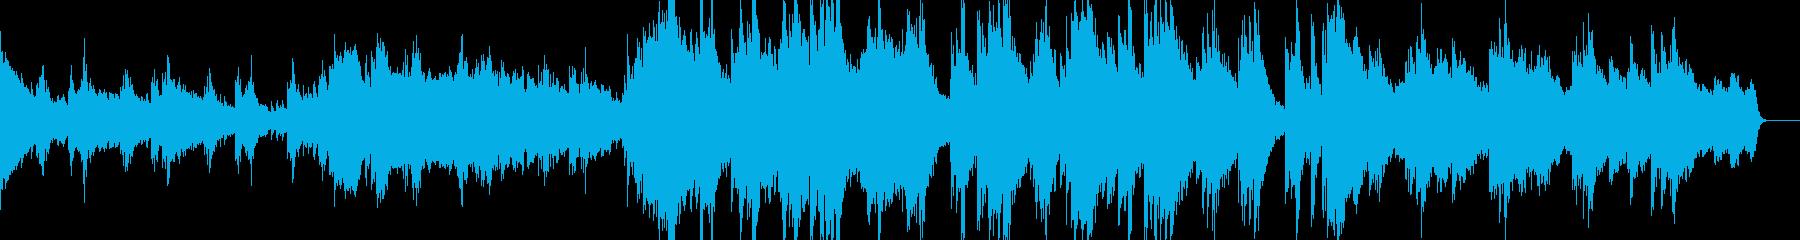 物悲しげなピアノのシネマティックの再生済みの波形